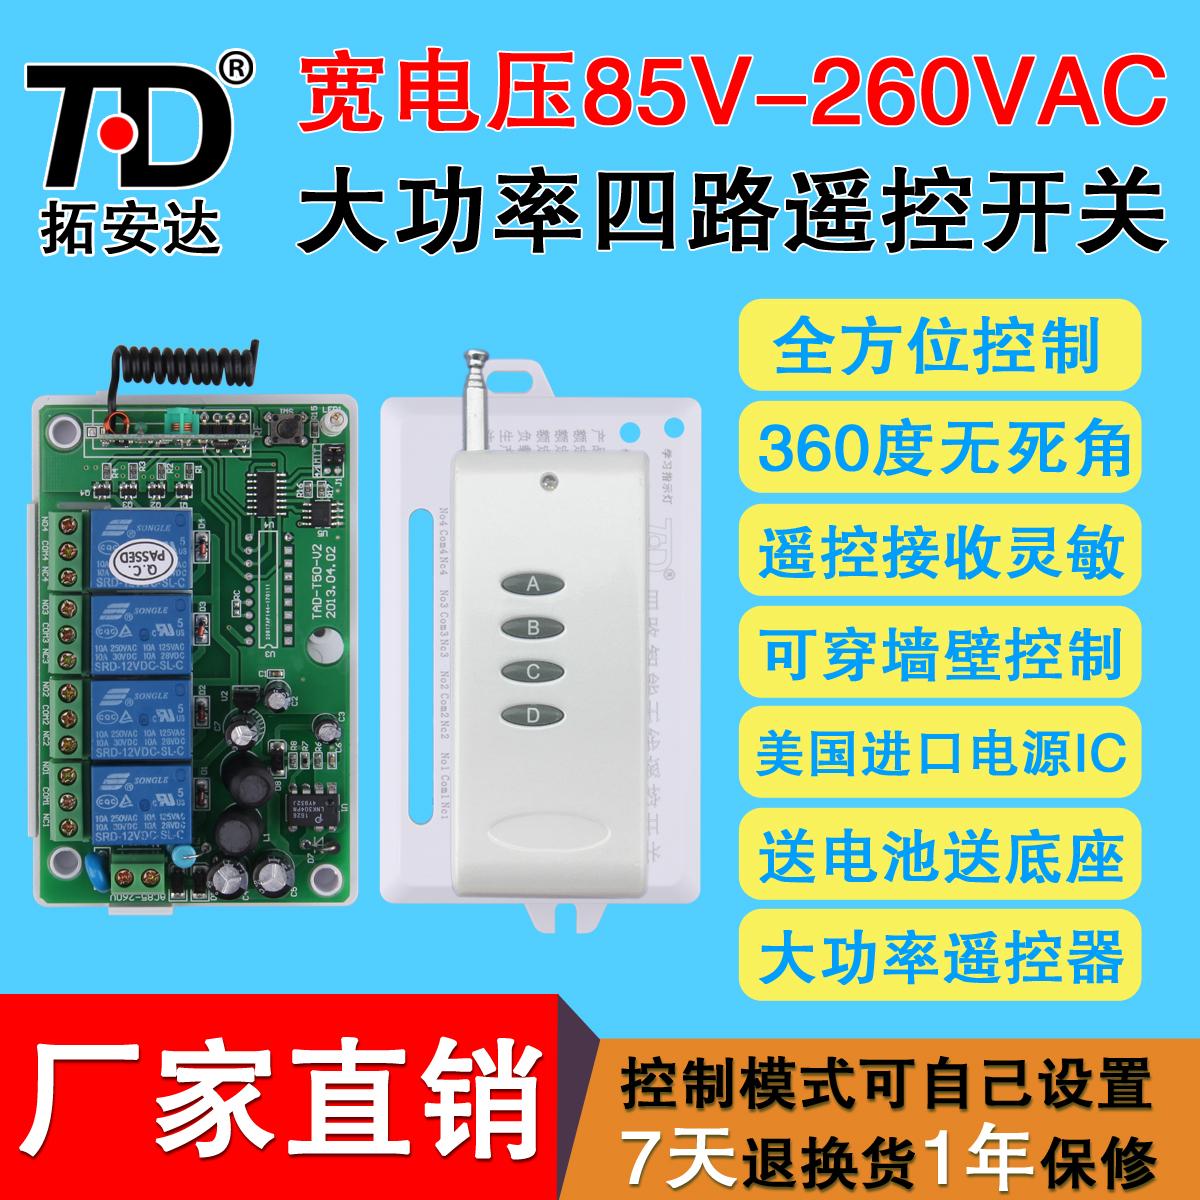 拓安达可穿墙220v无线遥控开关TAD-T50-1000